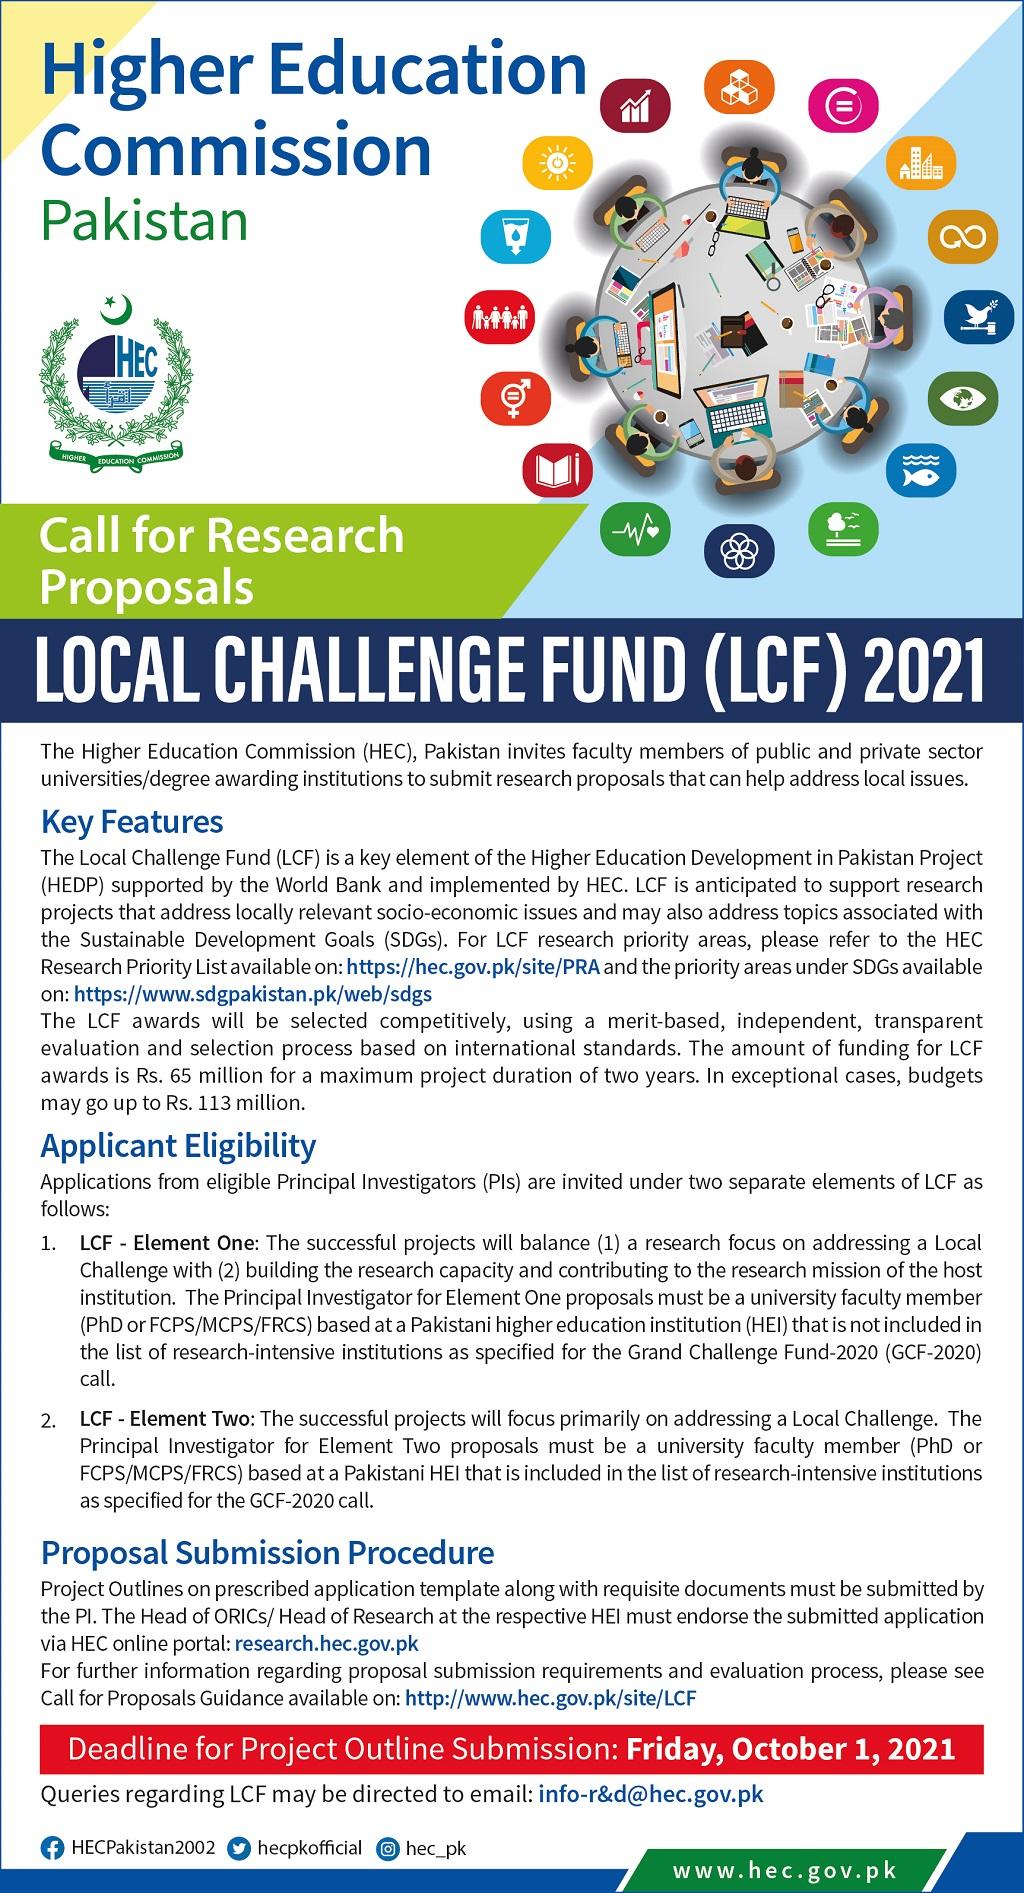 Local Challenge Fund (LCF)